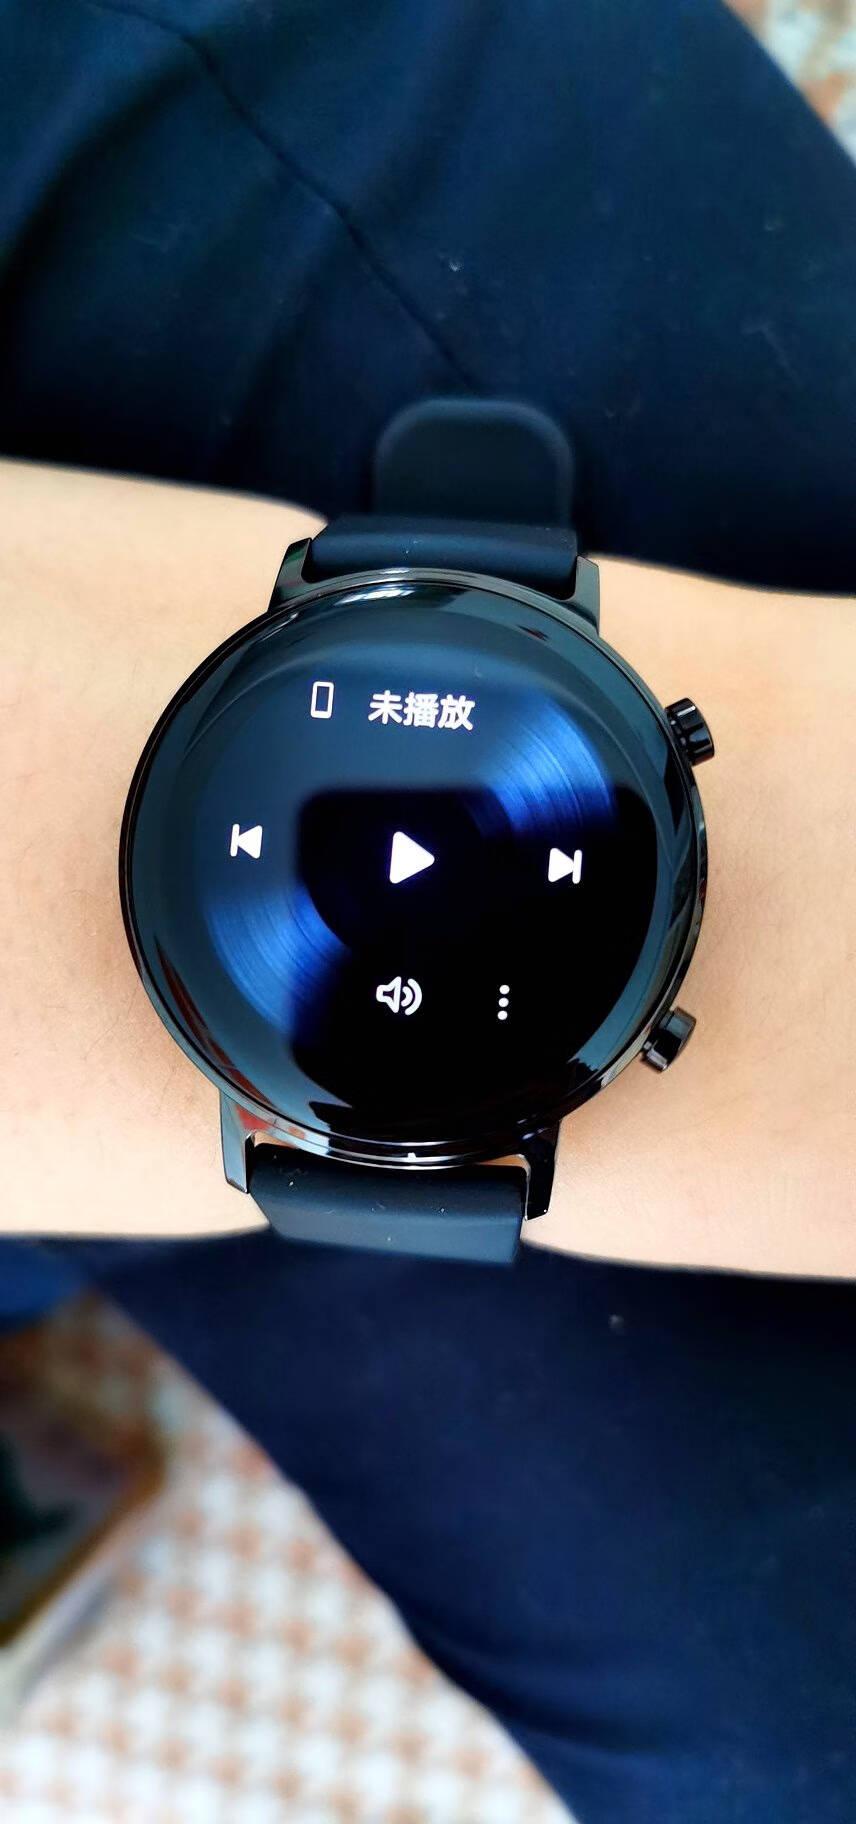 HUAWEIWATCHGT2(42mm)华为手表运动智能手表凝霜白(血氧检测+一周续航+麒麟A1芯片+心脏健康监测)